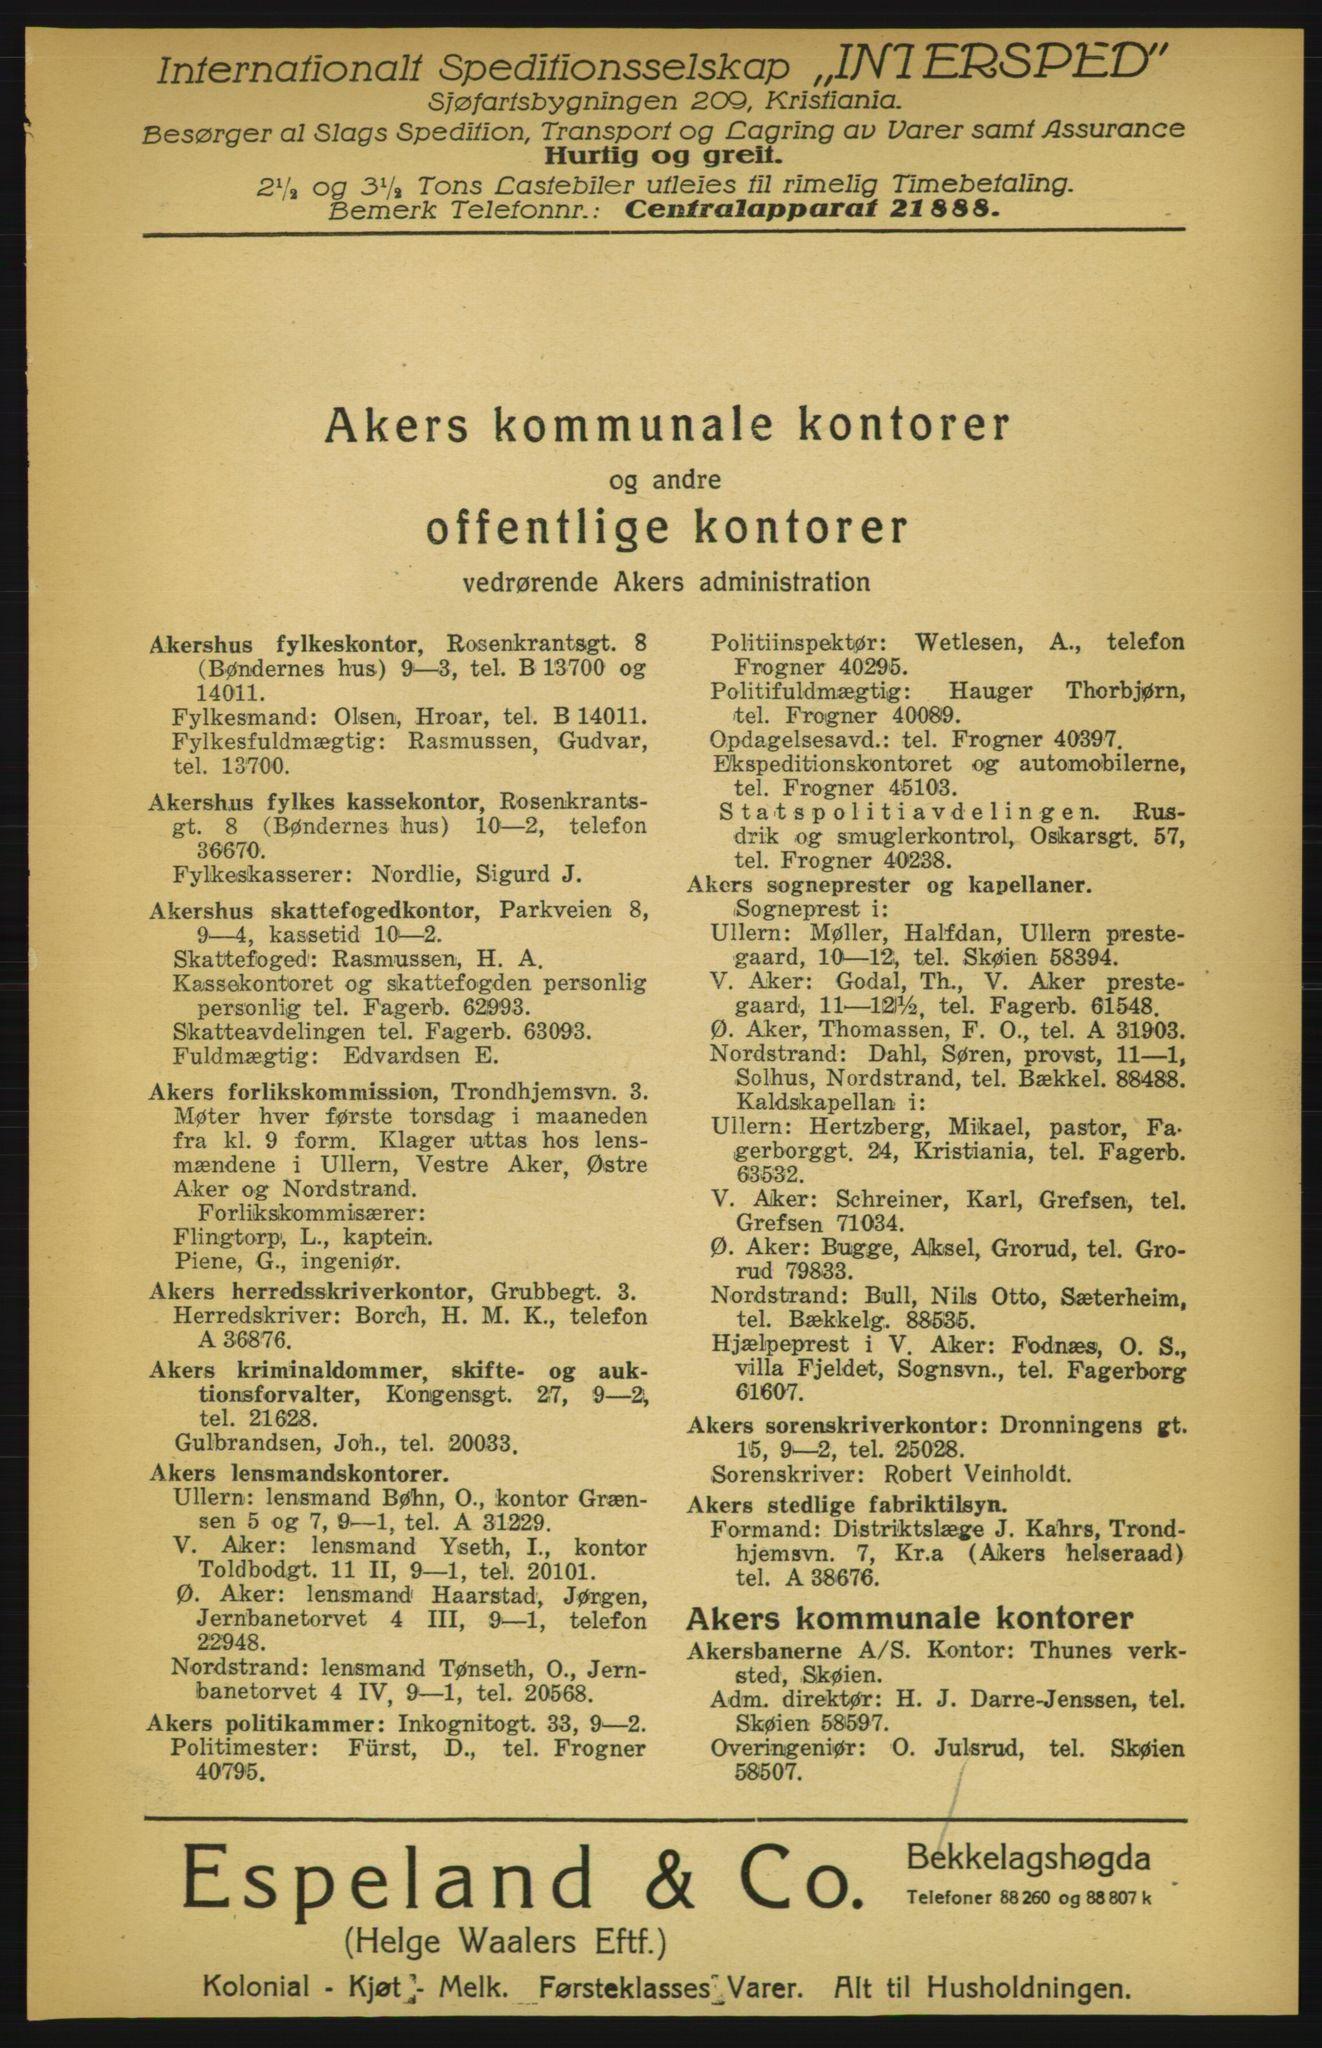 PUBL, Aker adressebok/adressekalender, 1924-1925, s. 9